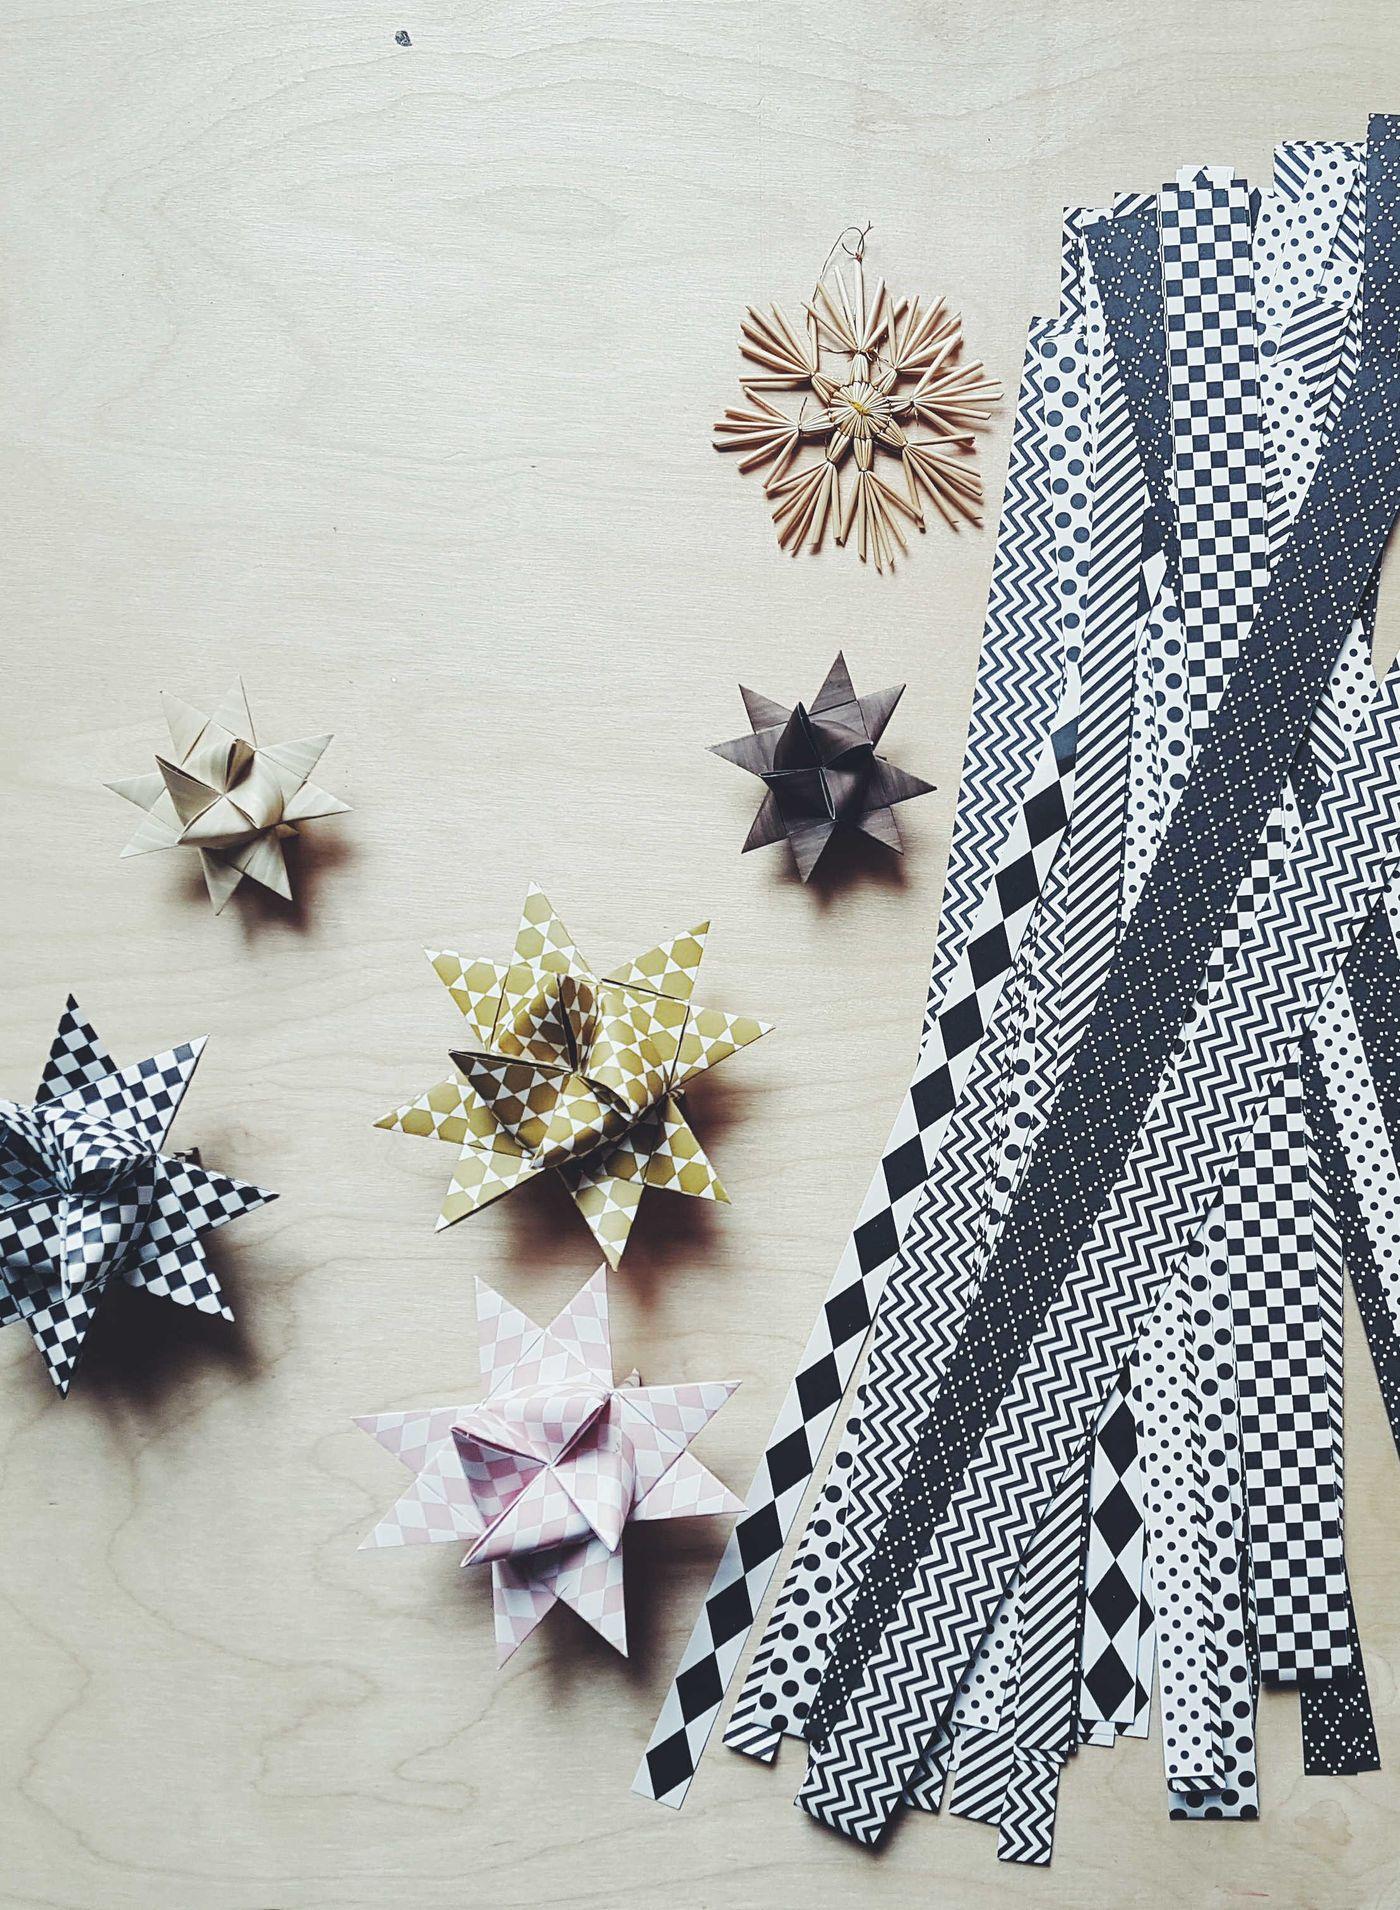 Exquisit Weihnachtsdeko Aus Papier Dekoration Von